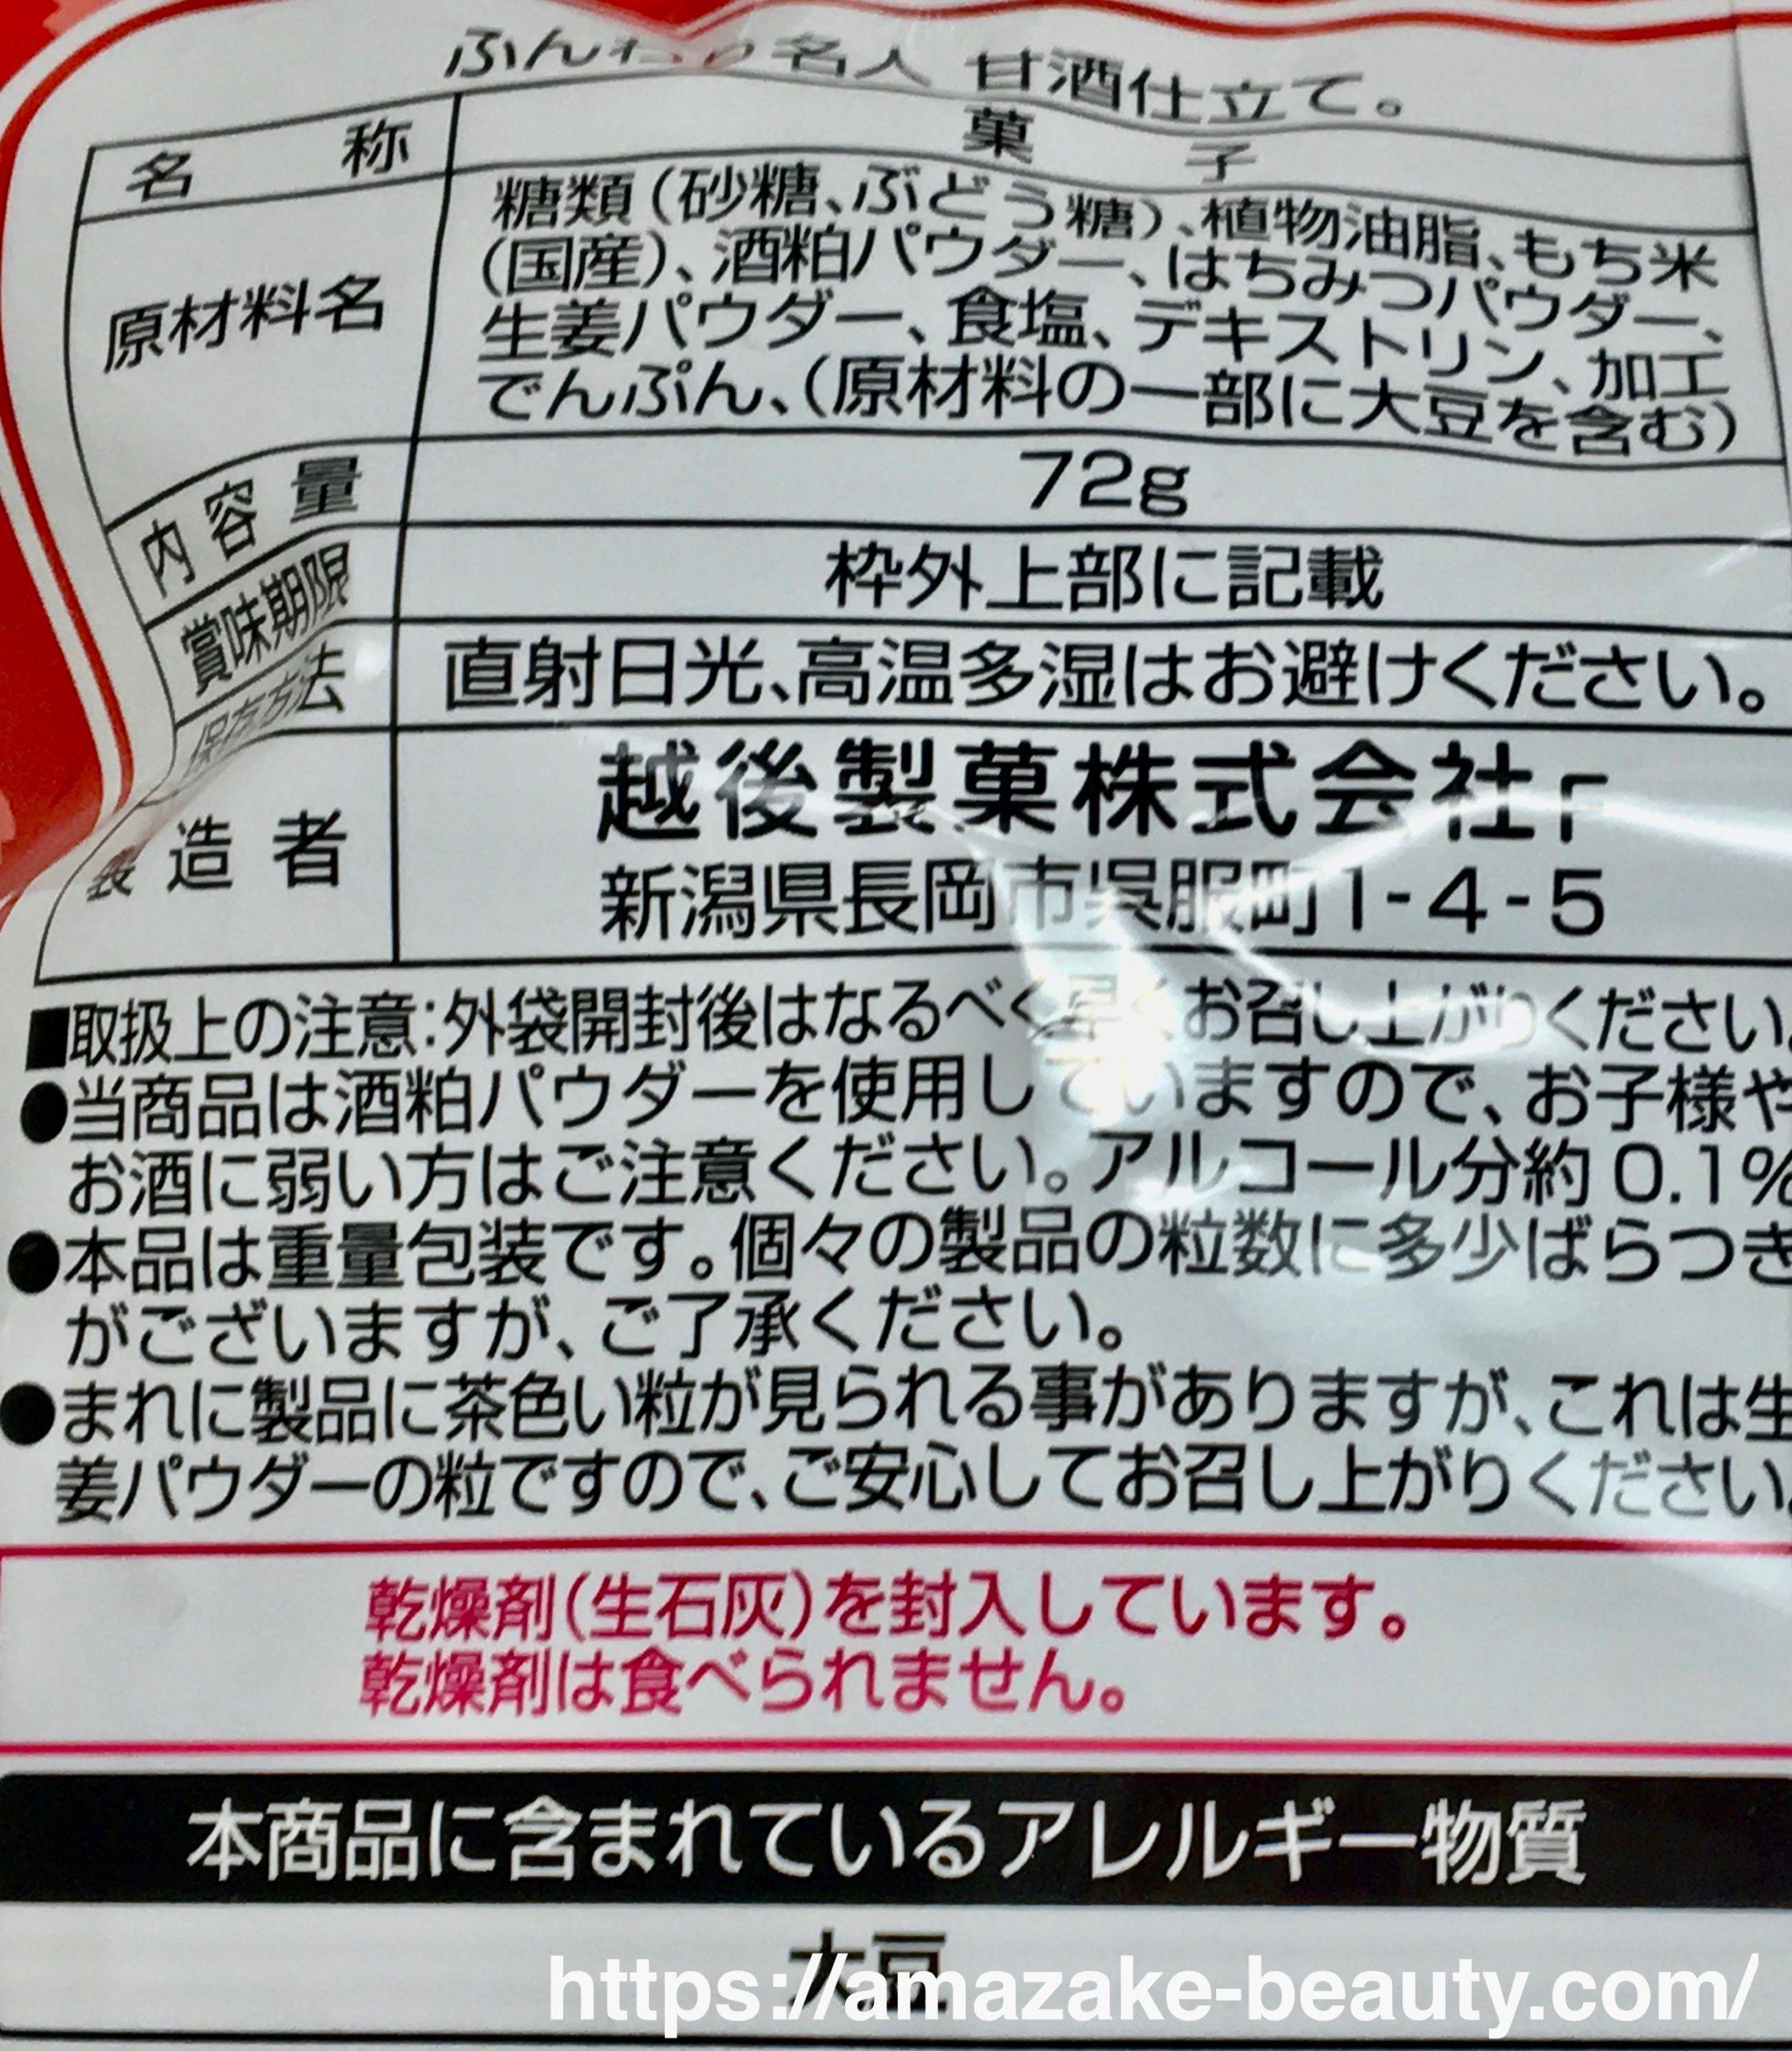 越後製菓×大関コラボ 『ふんわり名人 甘酒仕立て』(商品情報)